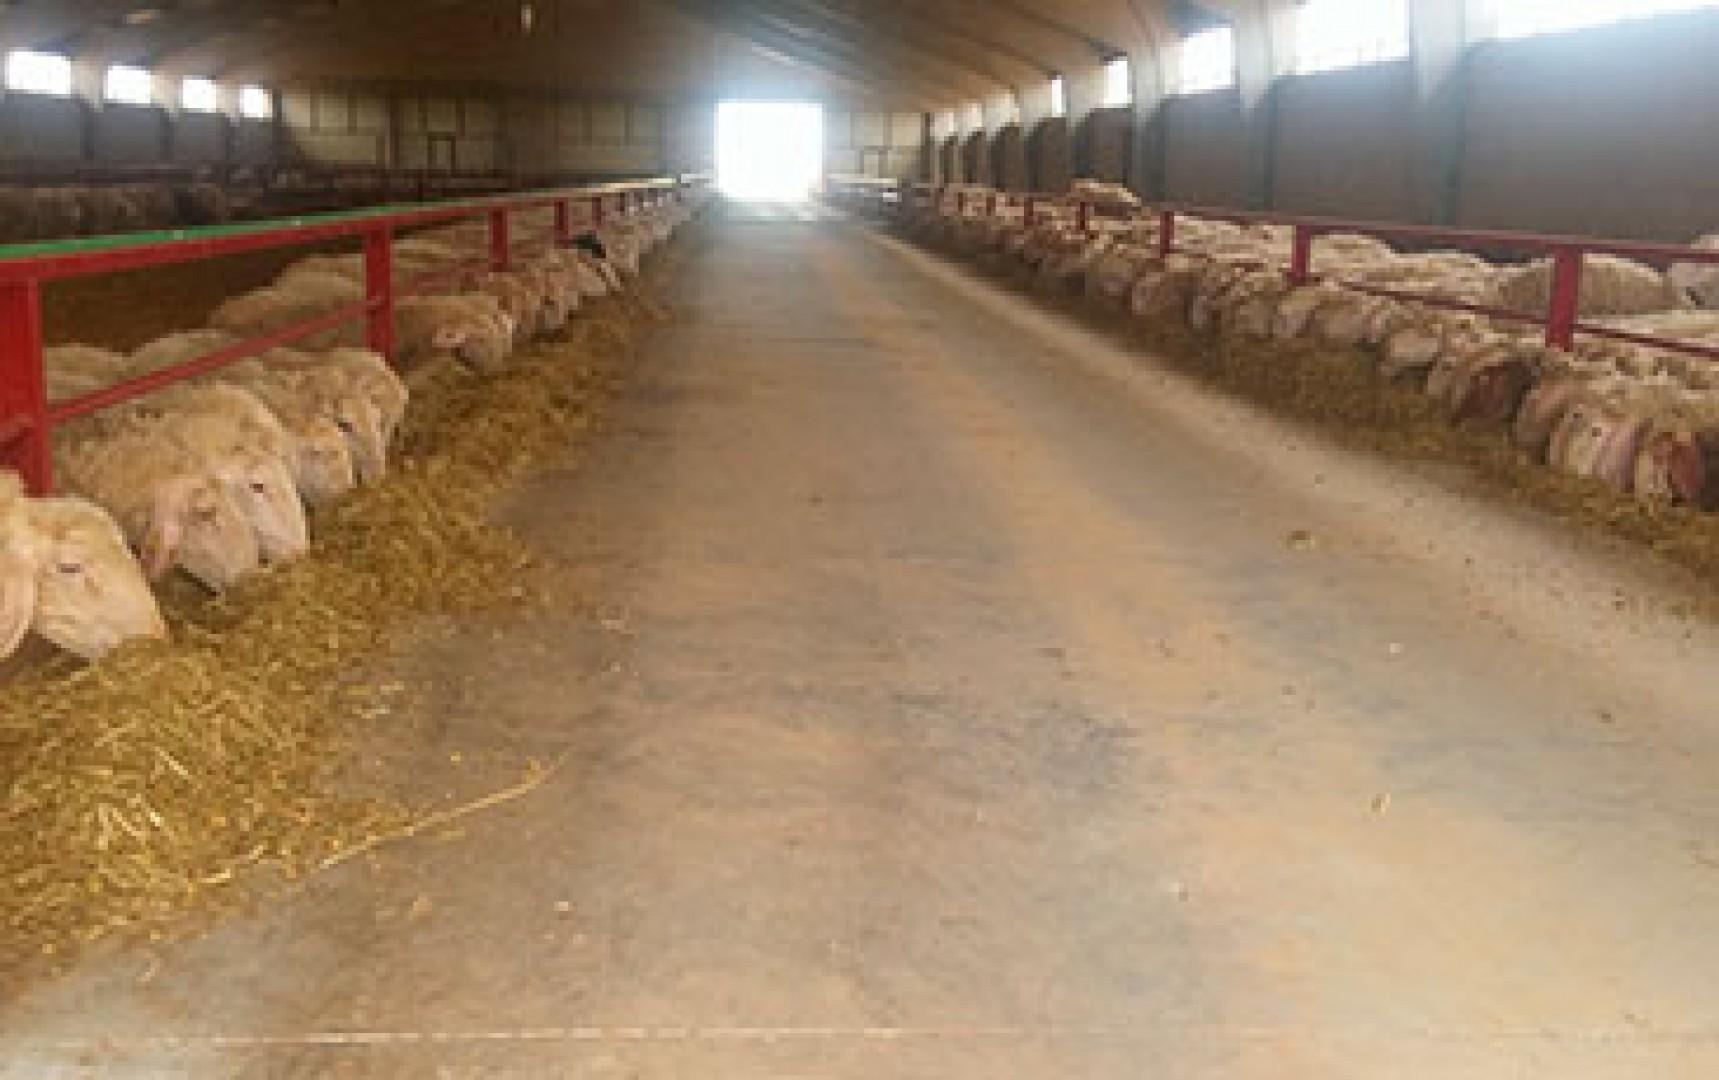 Ejecución de Naves Ganaderas, tanto de ovino, caprino, vacuno…